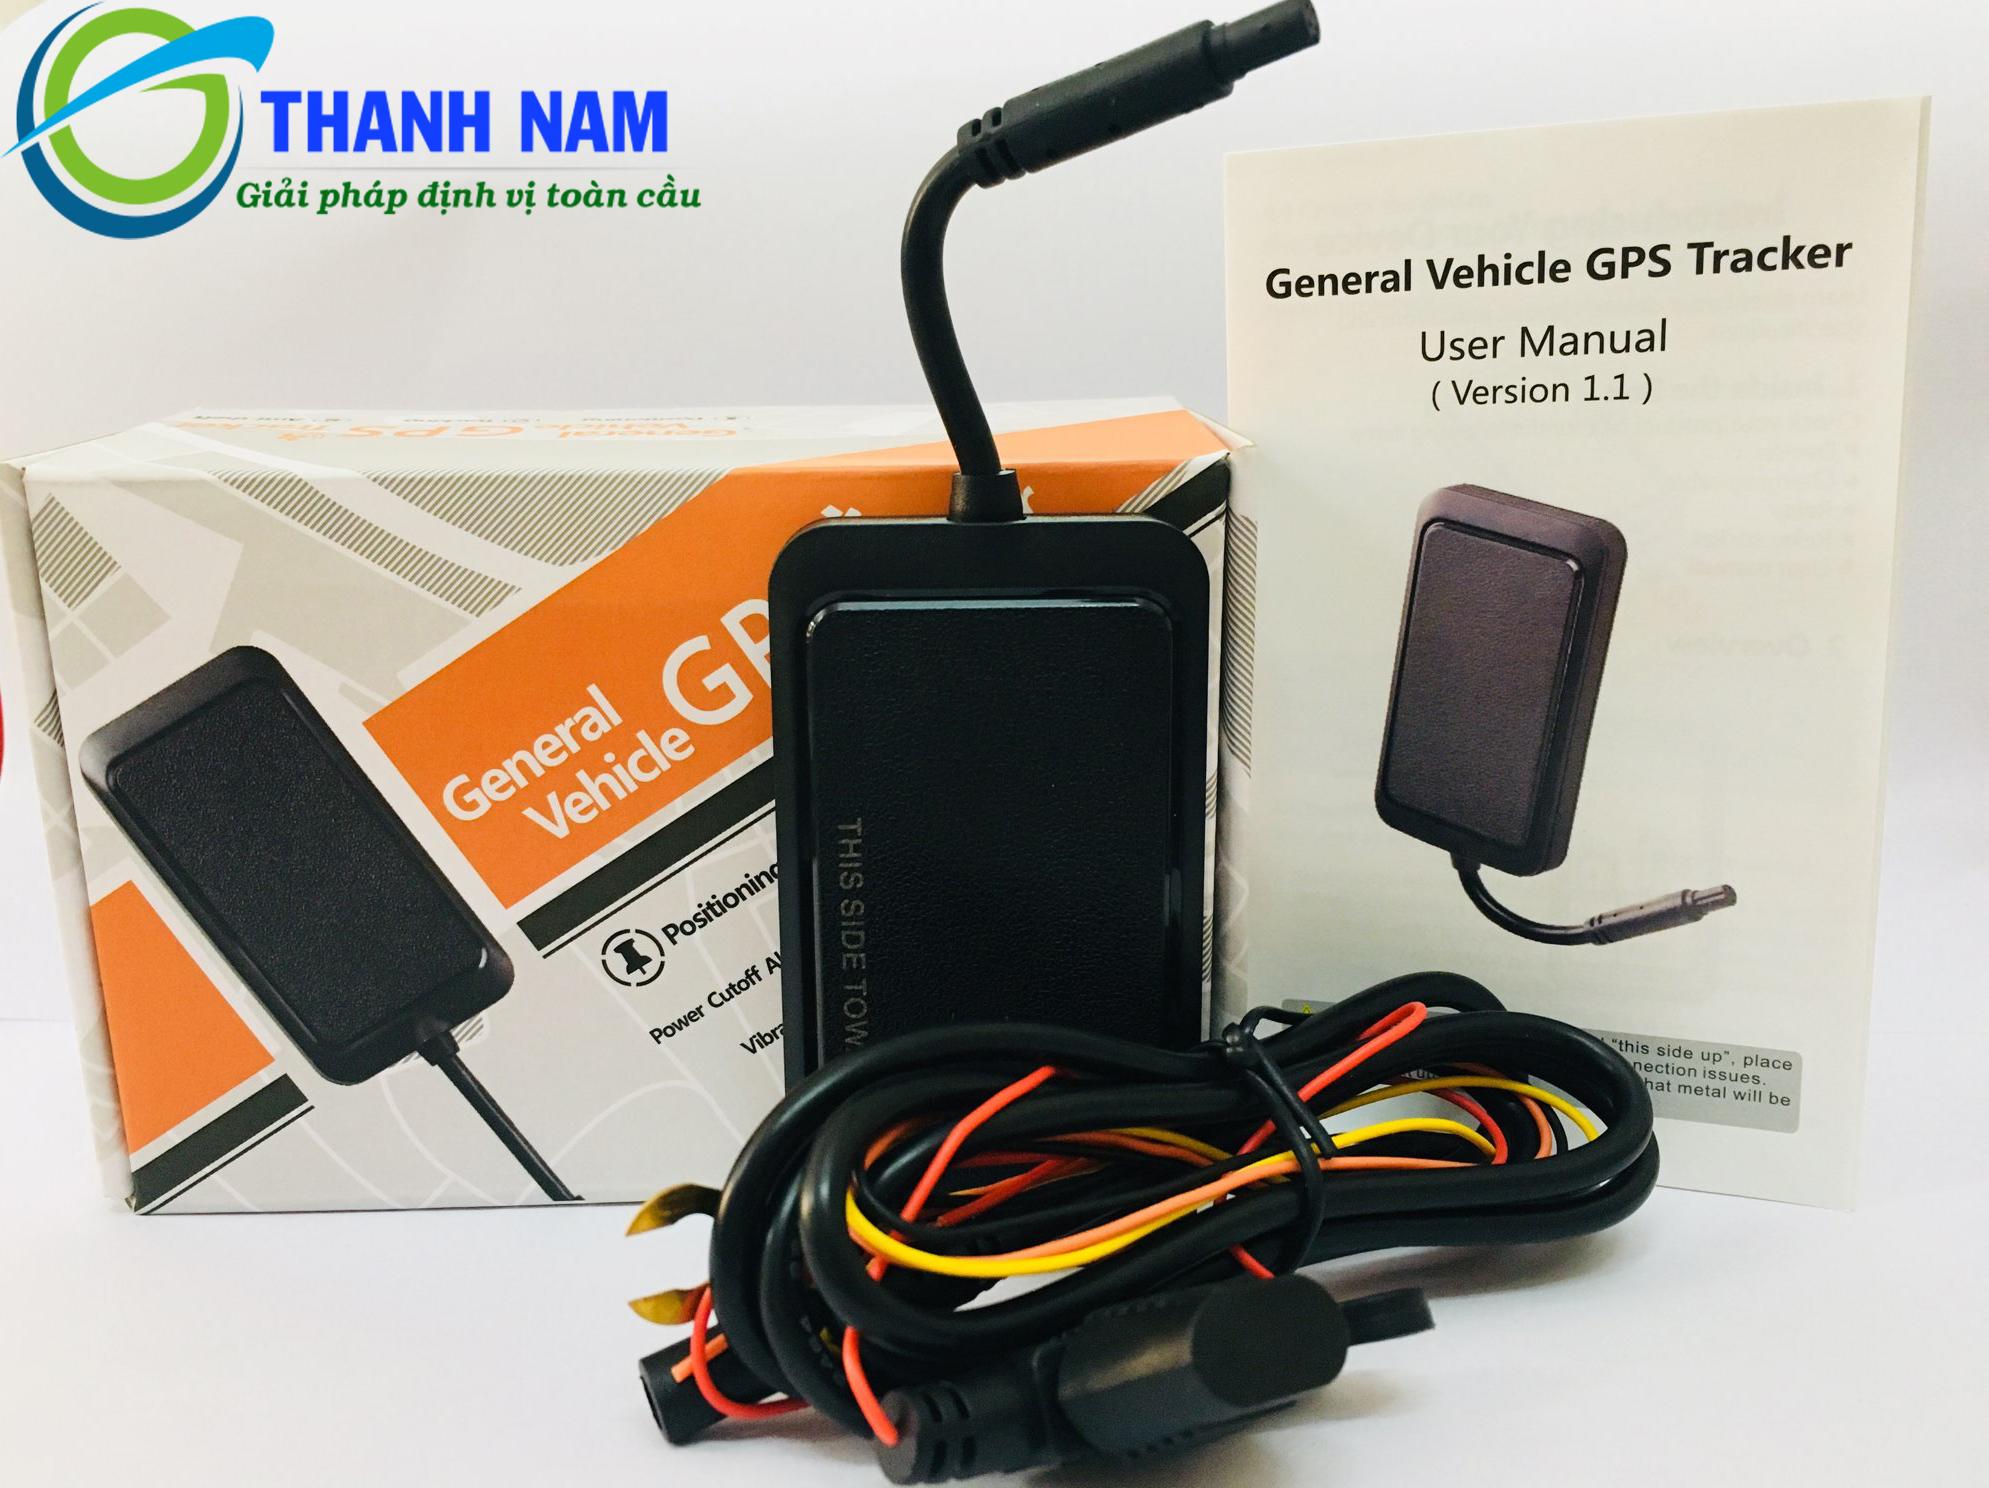 Bộ sản phẩm định vị ô tô wetrack 2 tại Thành Nam GPS